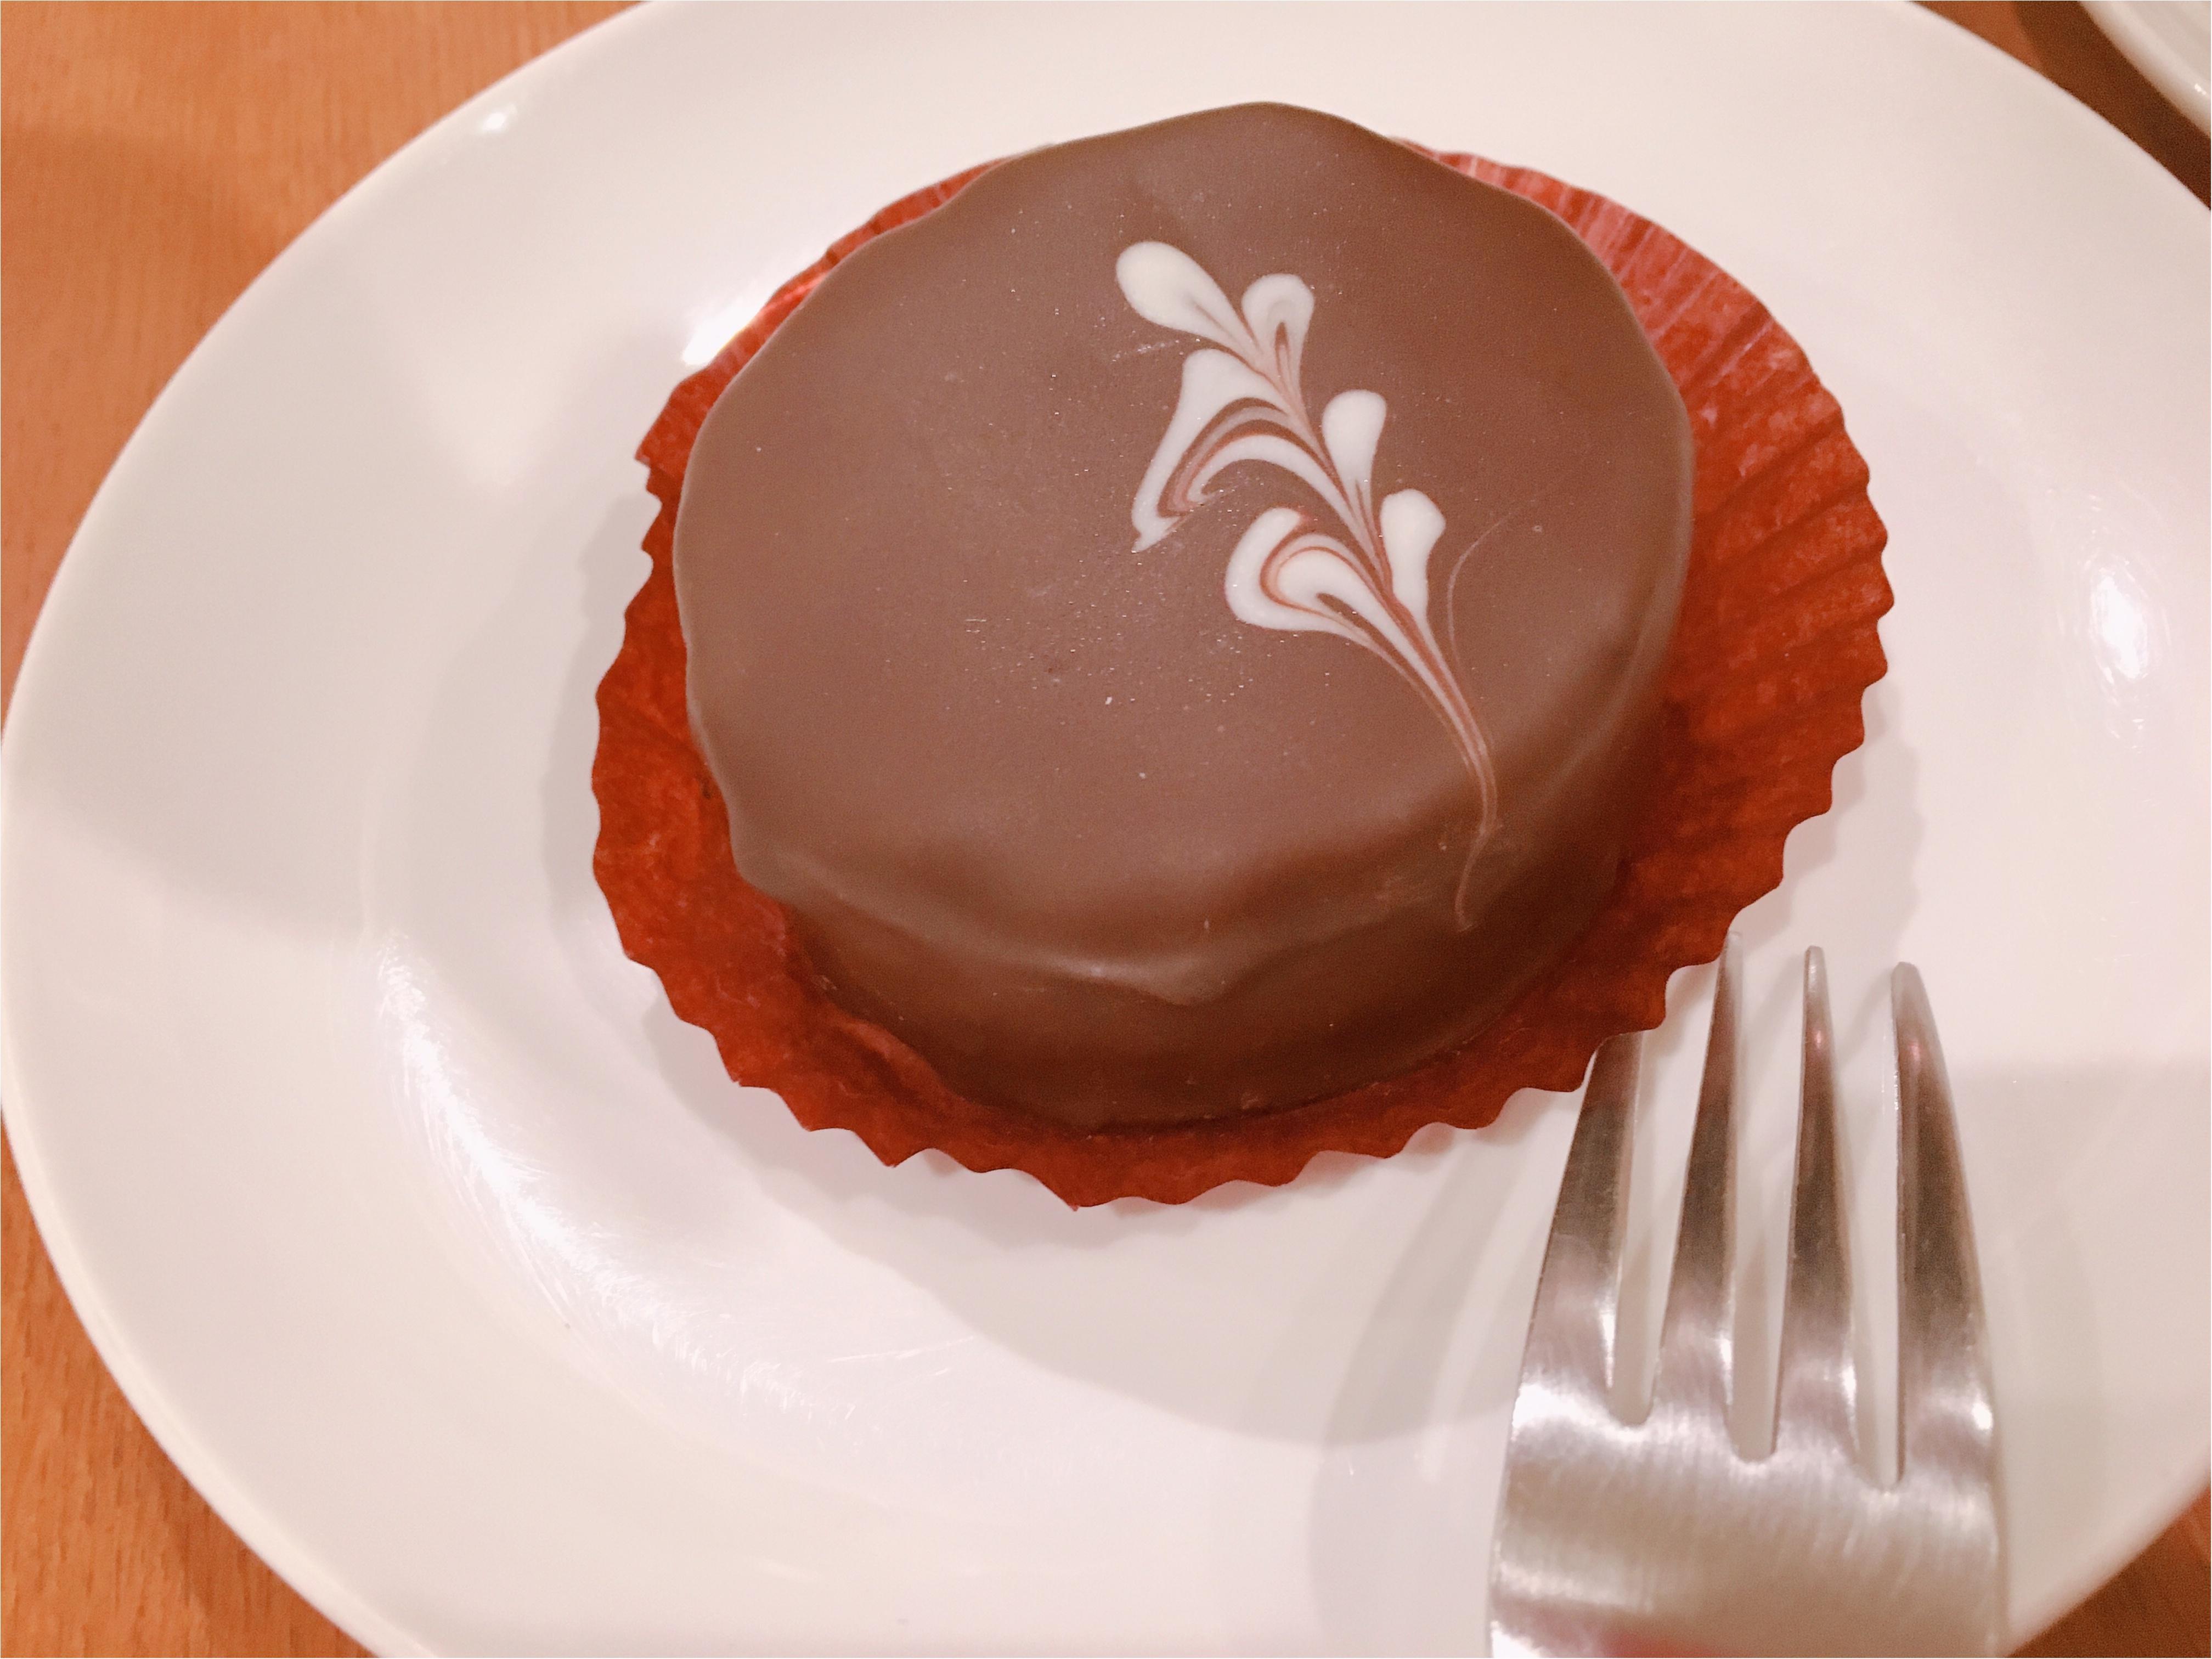 【スタバ】バレンタイン新作『チョコホリック ココ』と店員さん考案『アメリカンスコーン キャラメルトフィー』がついに登場!_3